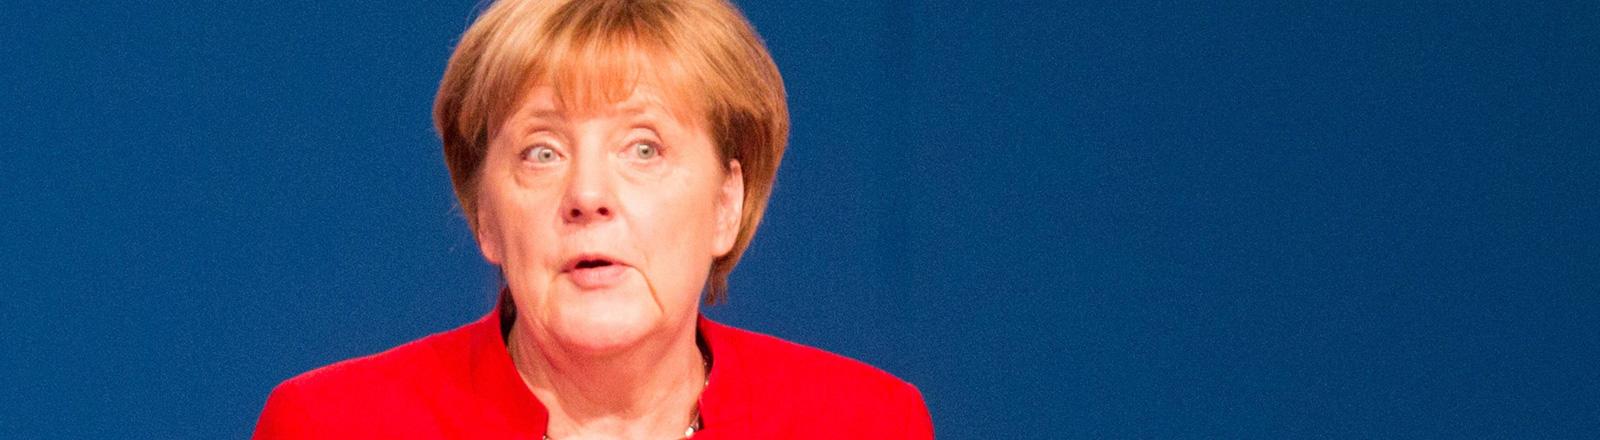 Angela Merkel auf dem Parteitag der CDU am 06.12.2016 in Essen.